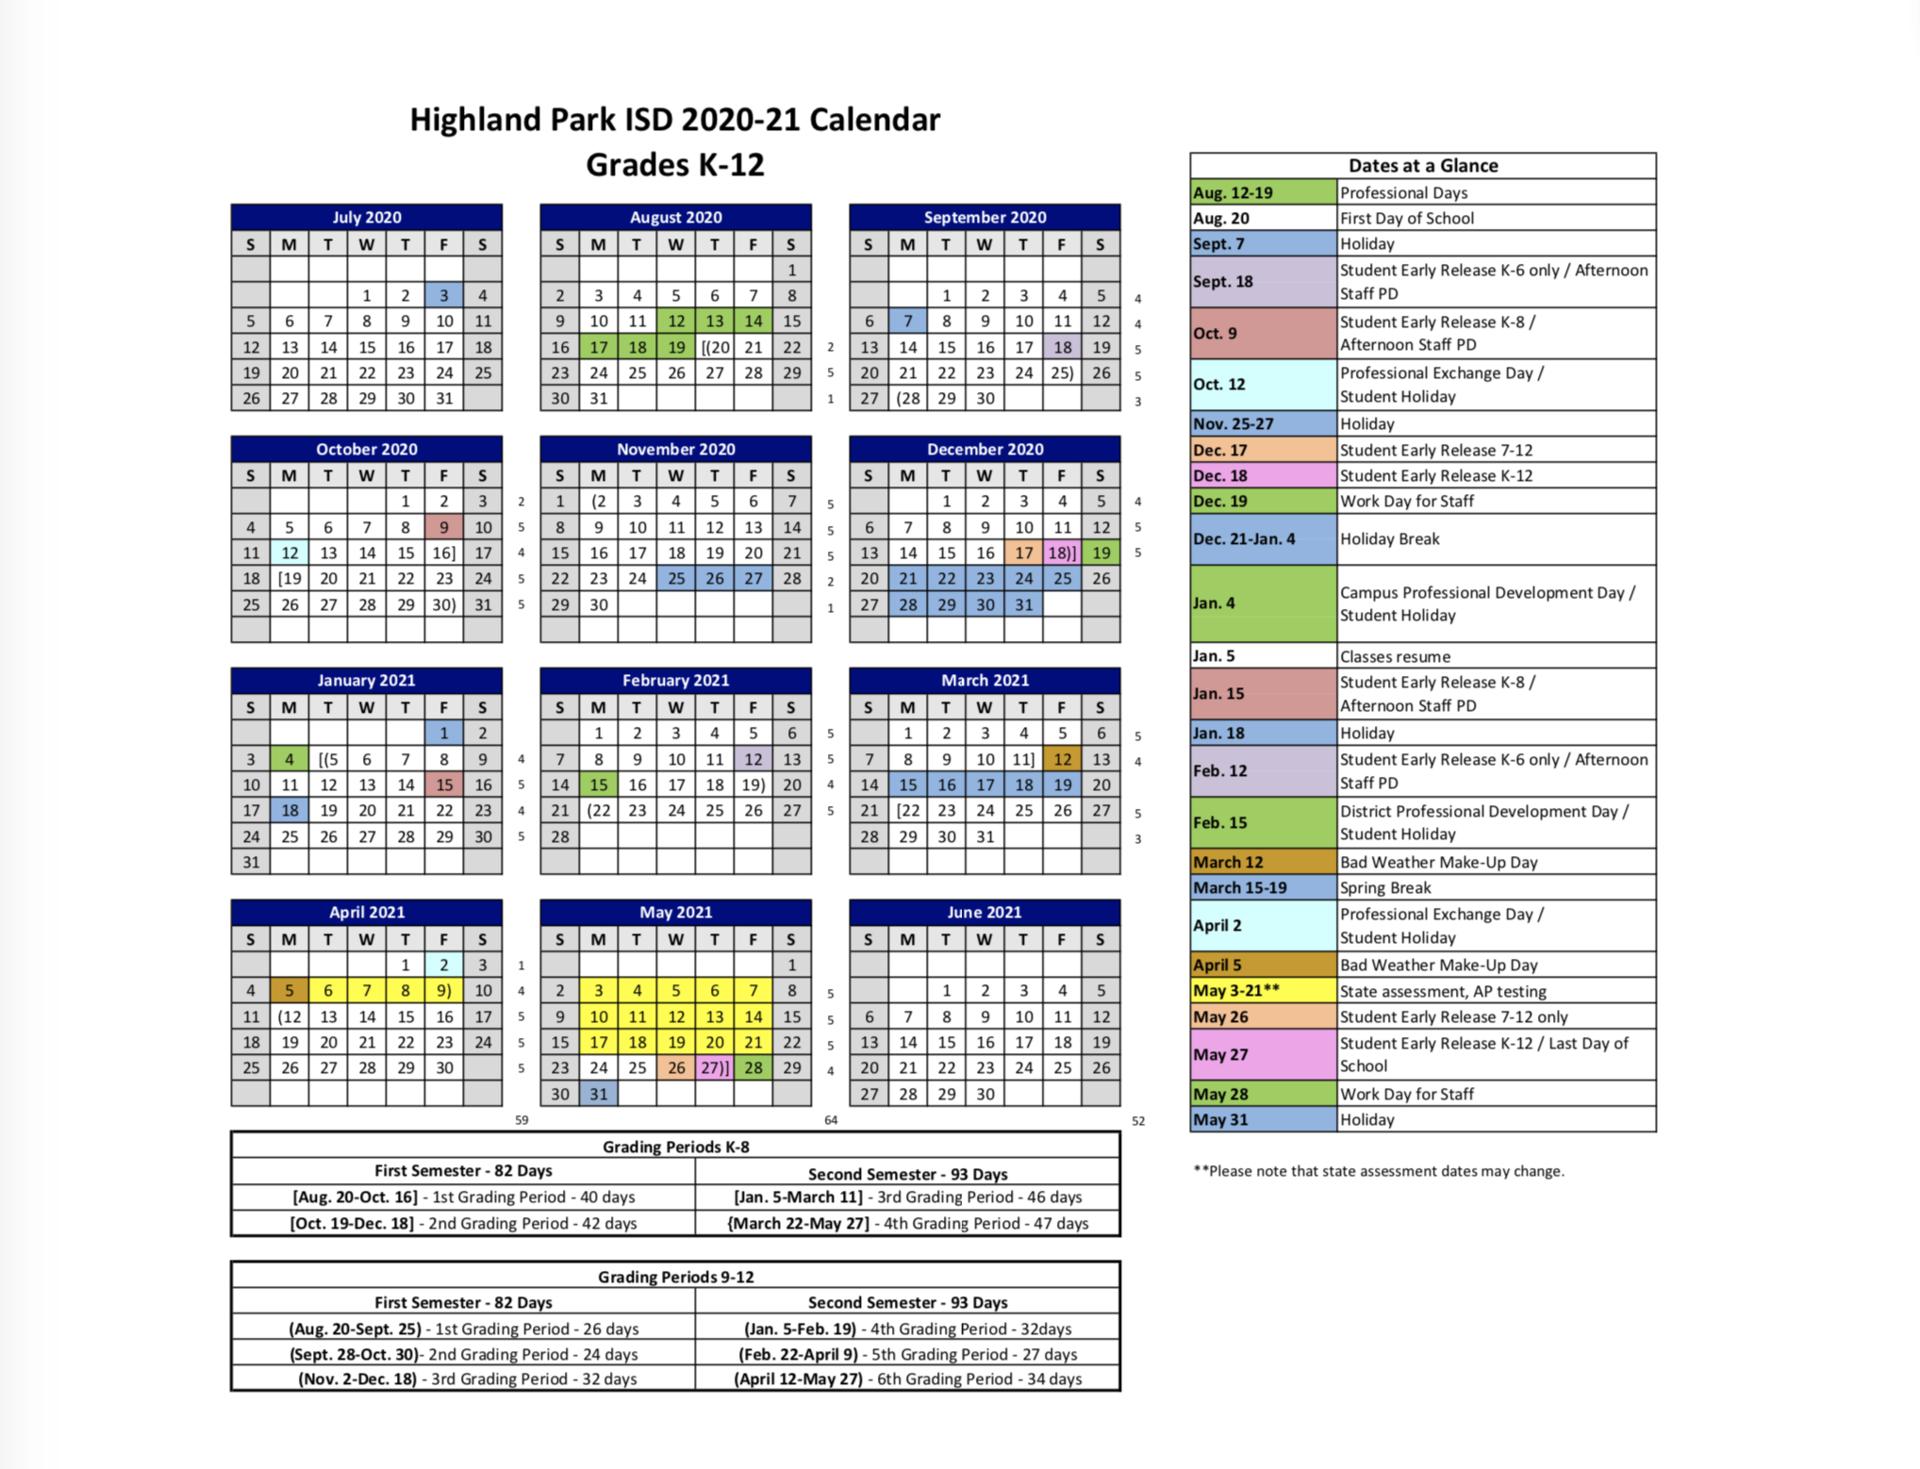 2019-2020 Hpisd Calendar – Calendars – Highland Park